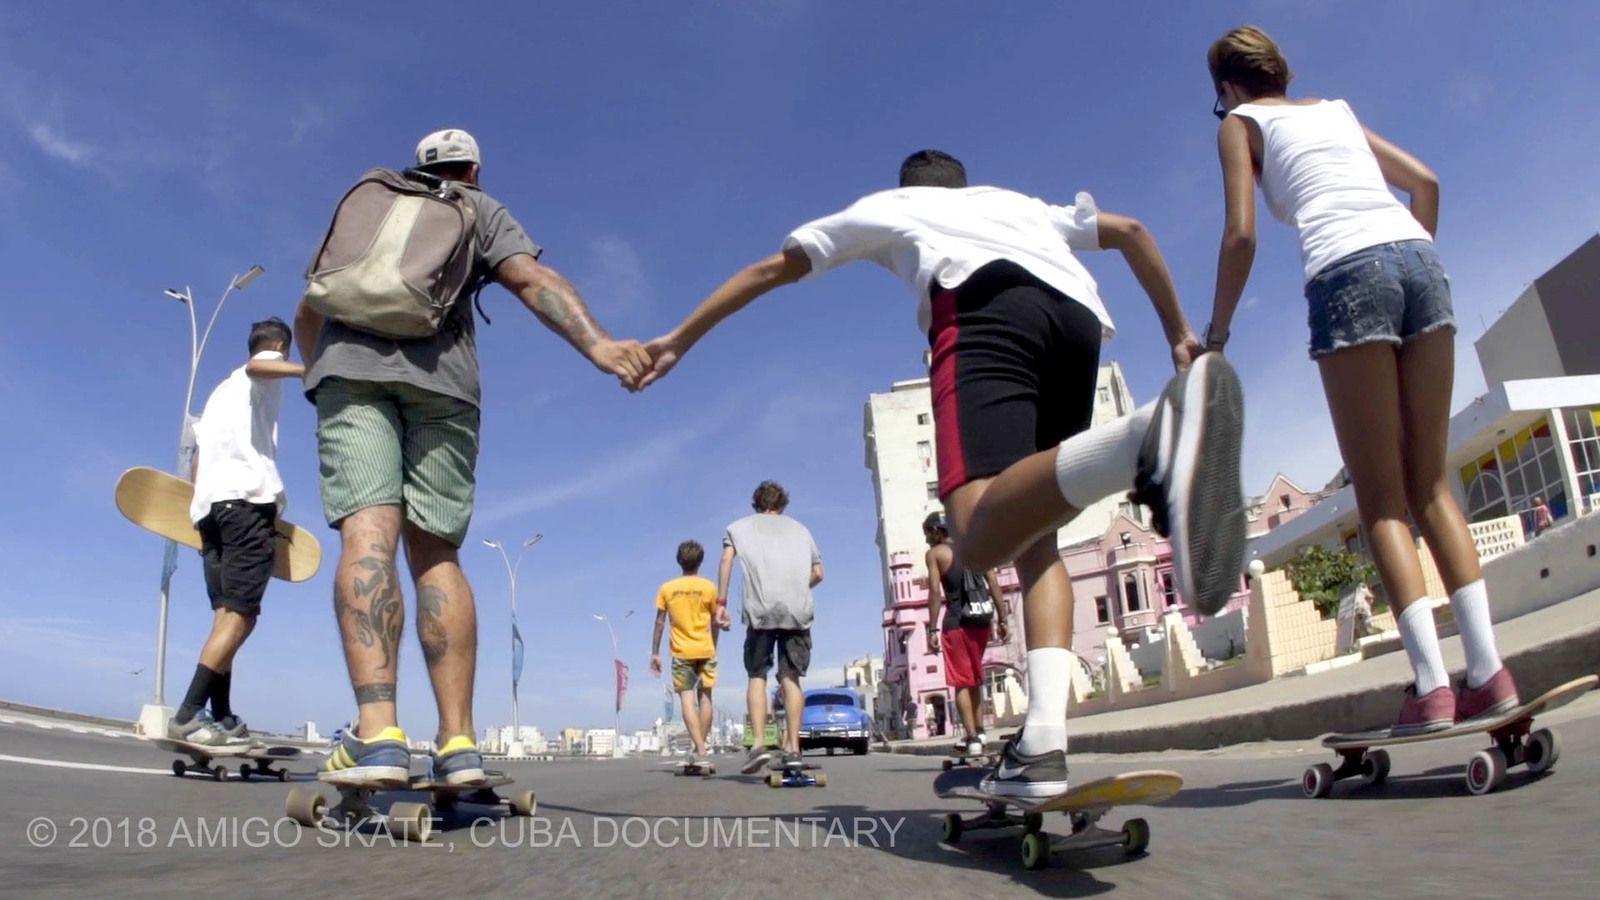 Amigo Skate, Cuba (BANDE-ANNONCE) Documentaire de Vanesa Wilkey-Escobar